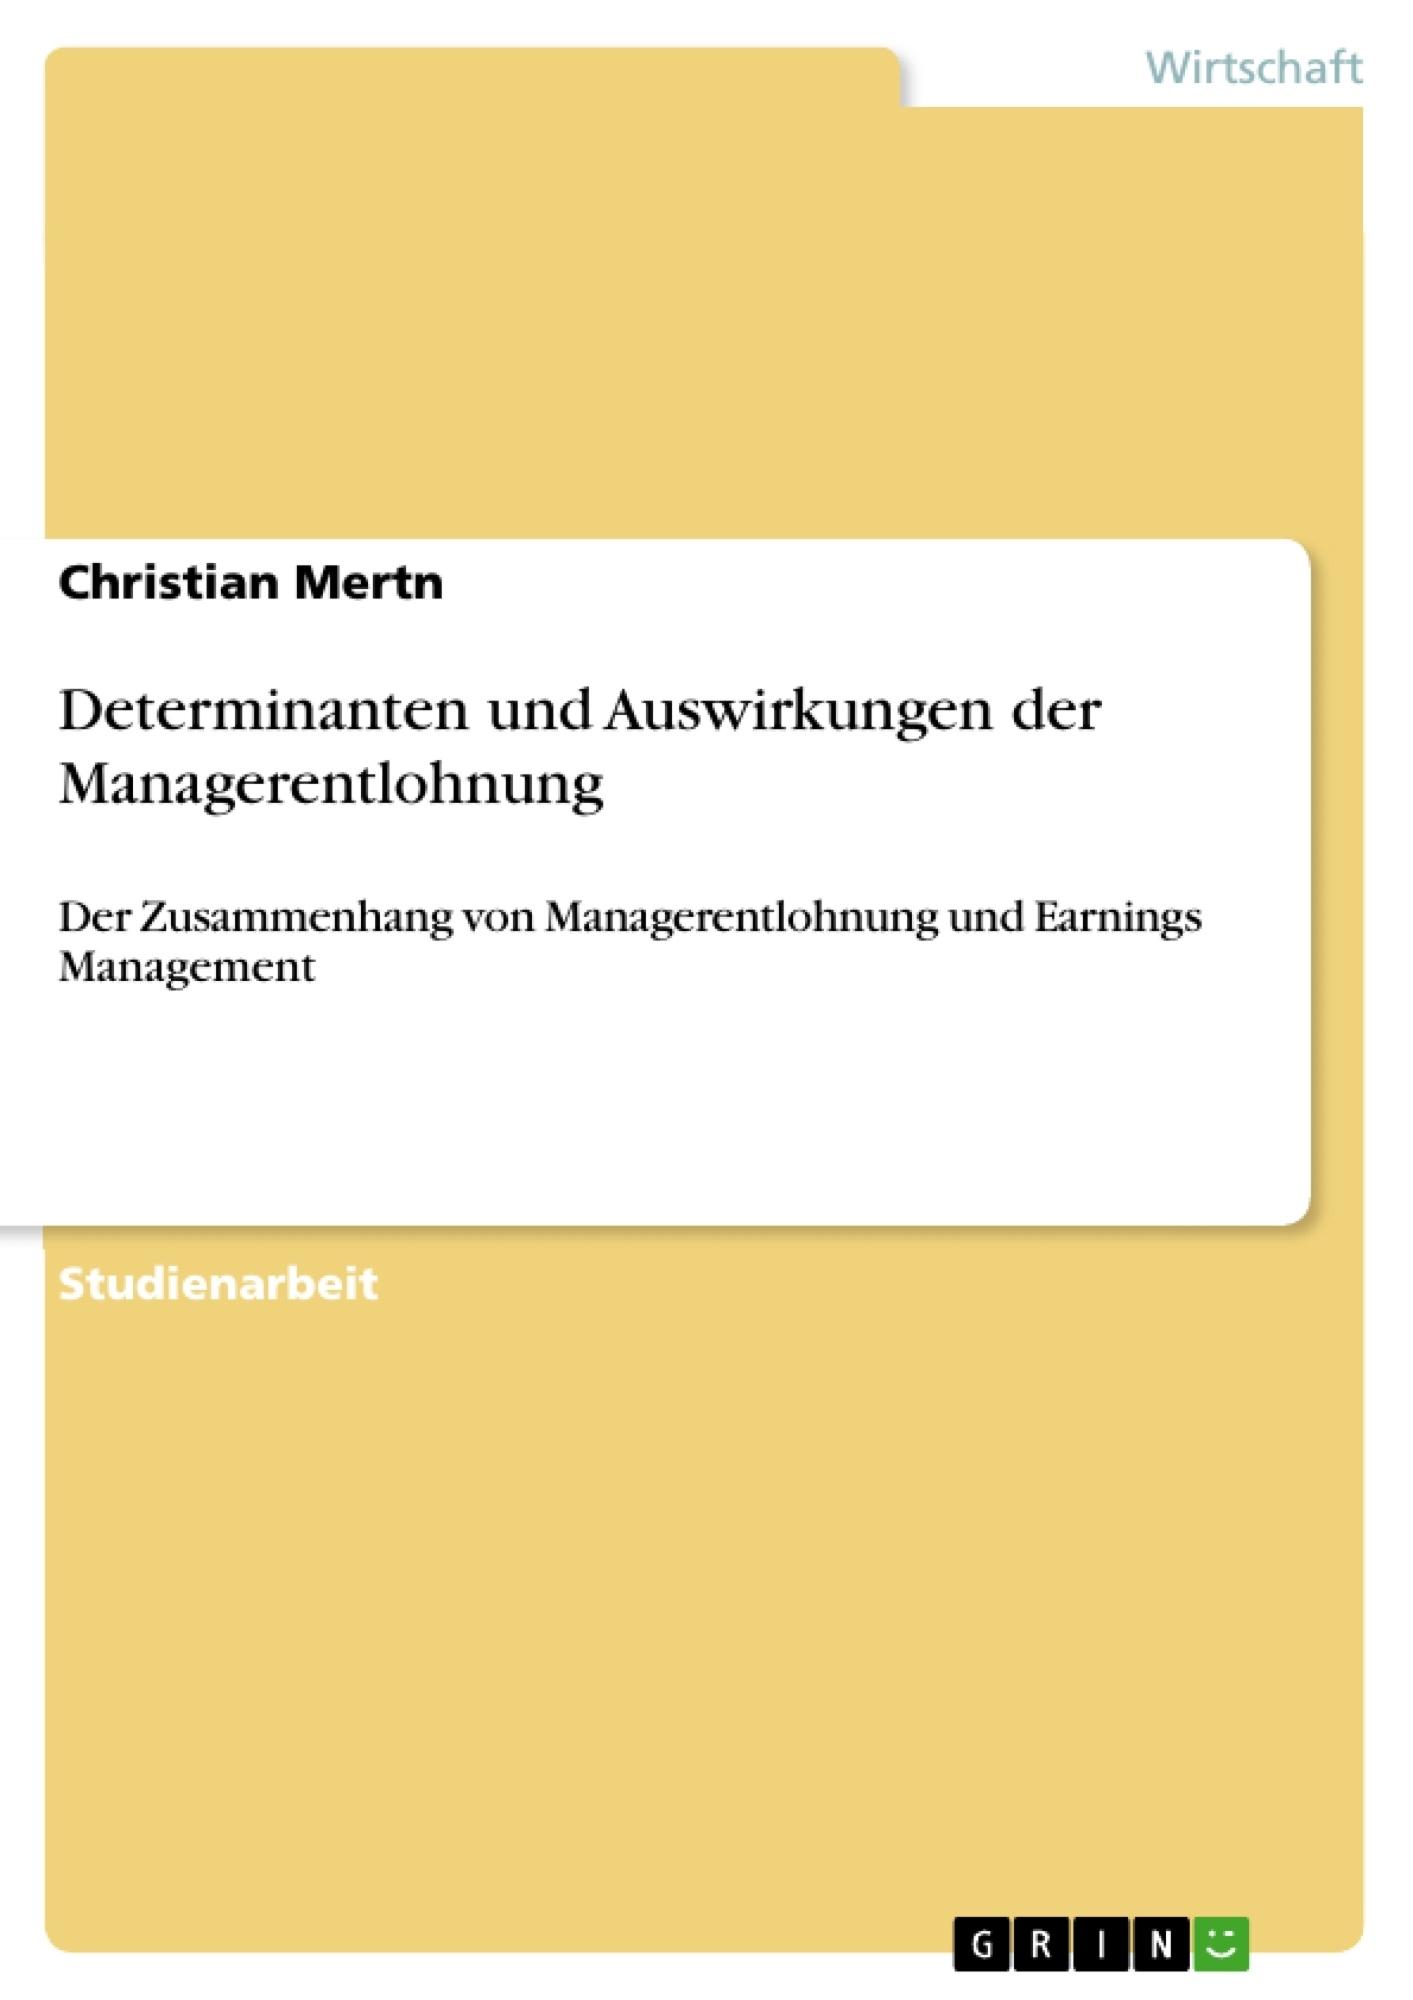 Titel: Determinanten und Auswirkungen der Managerentlohnung